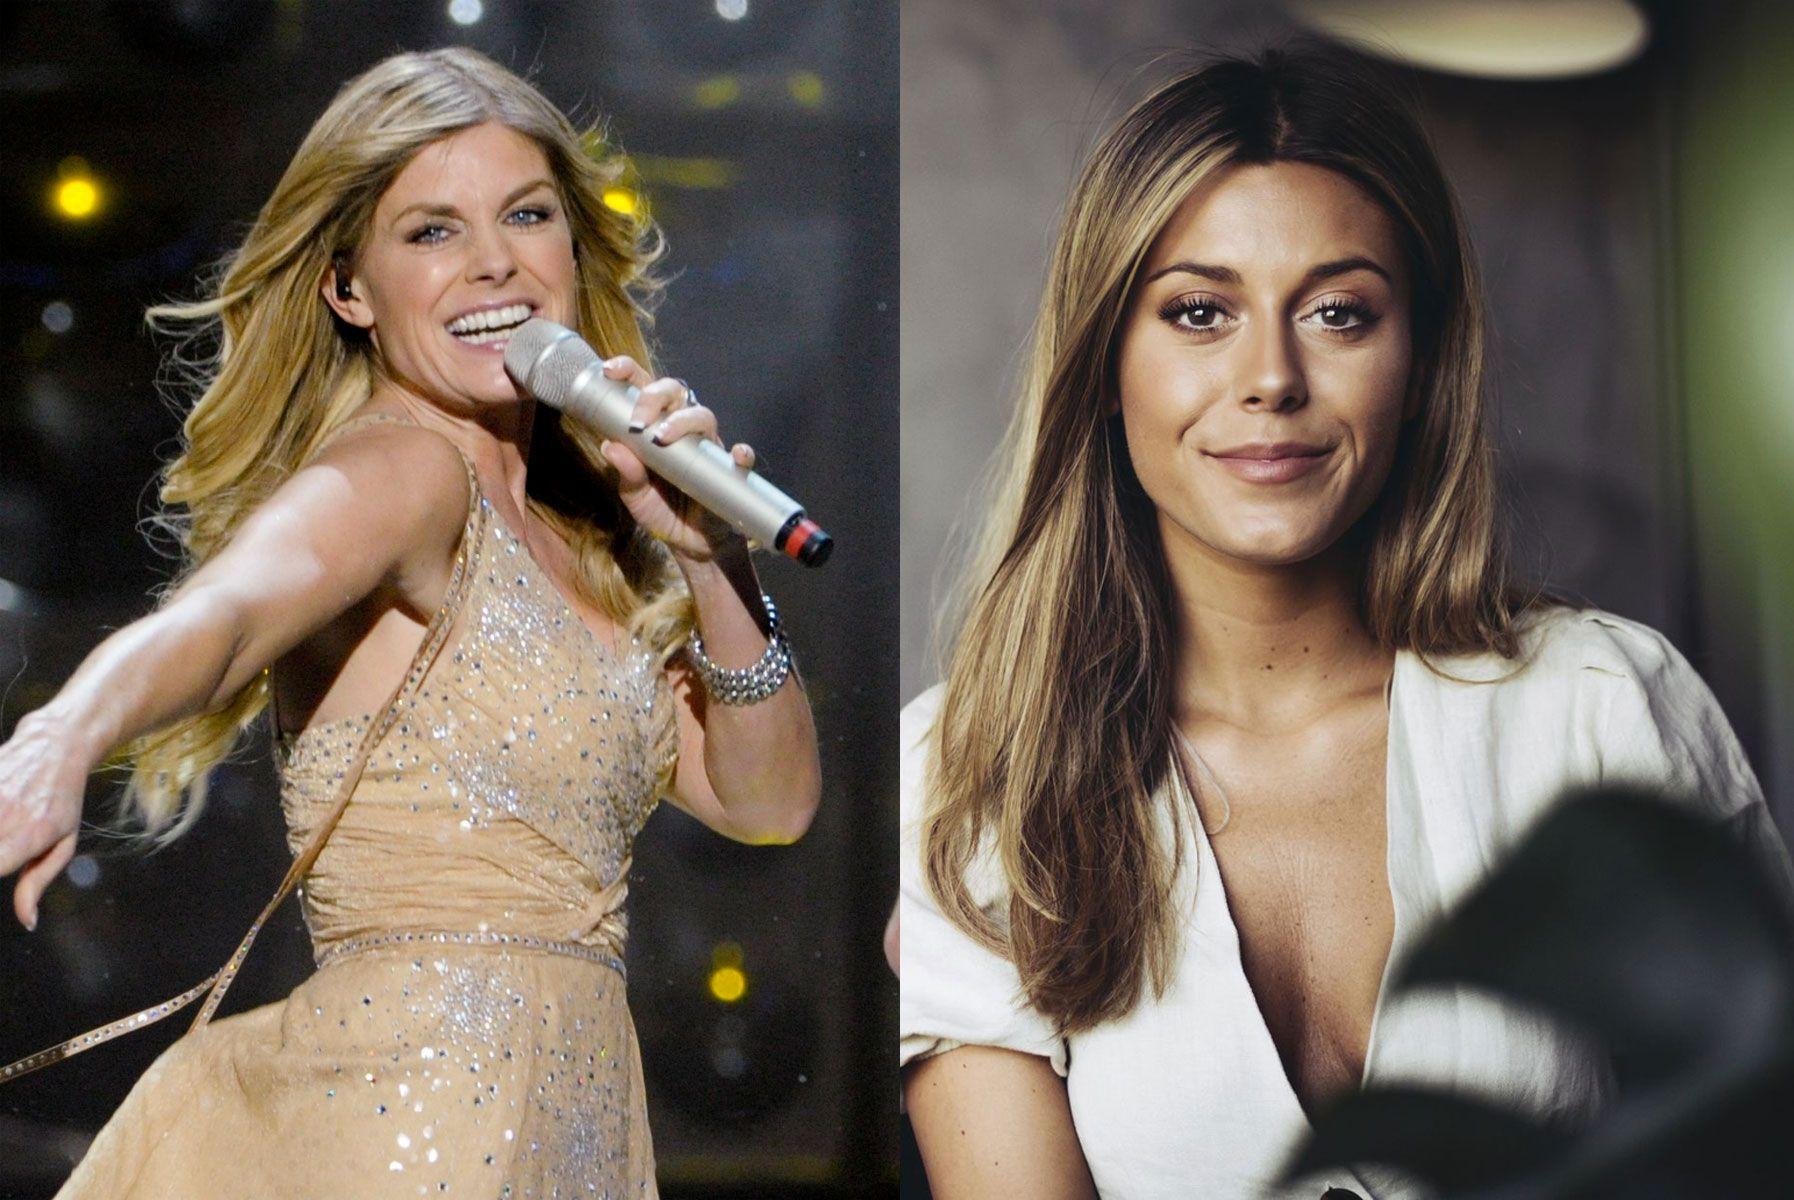 MOR OG DATTER: Bildet av Pernilla Wahlgren (t.v.) er fra Melodifestivalen i 2010, mens Bianca er avbildet i sommer.